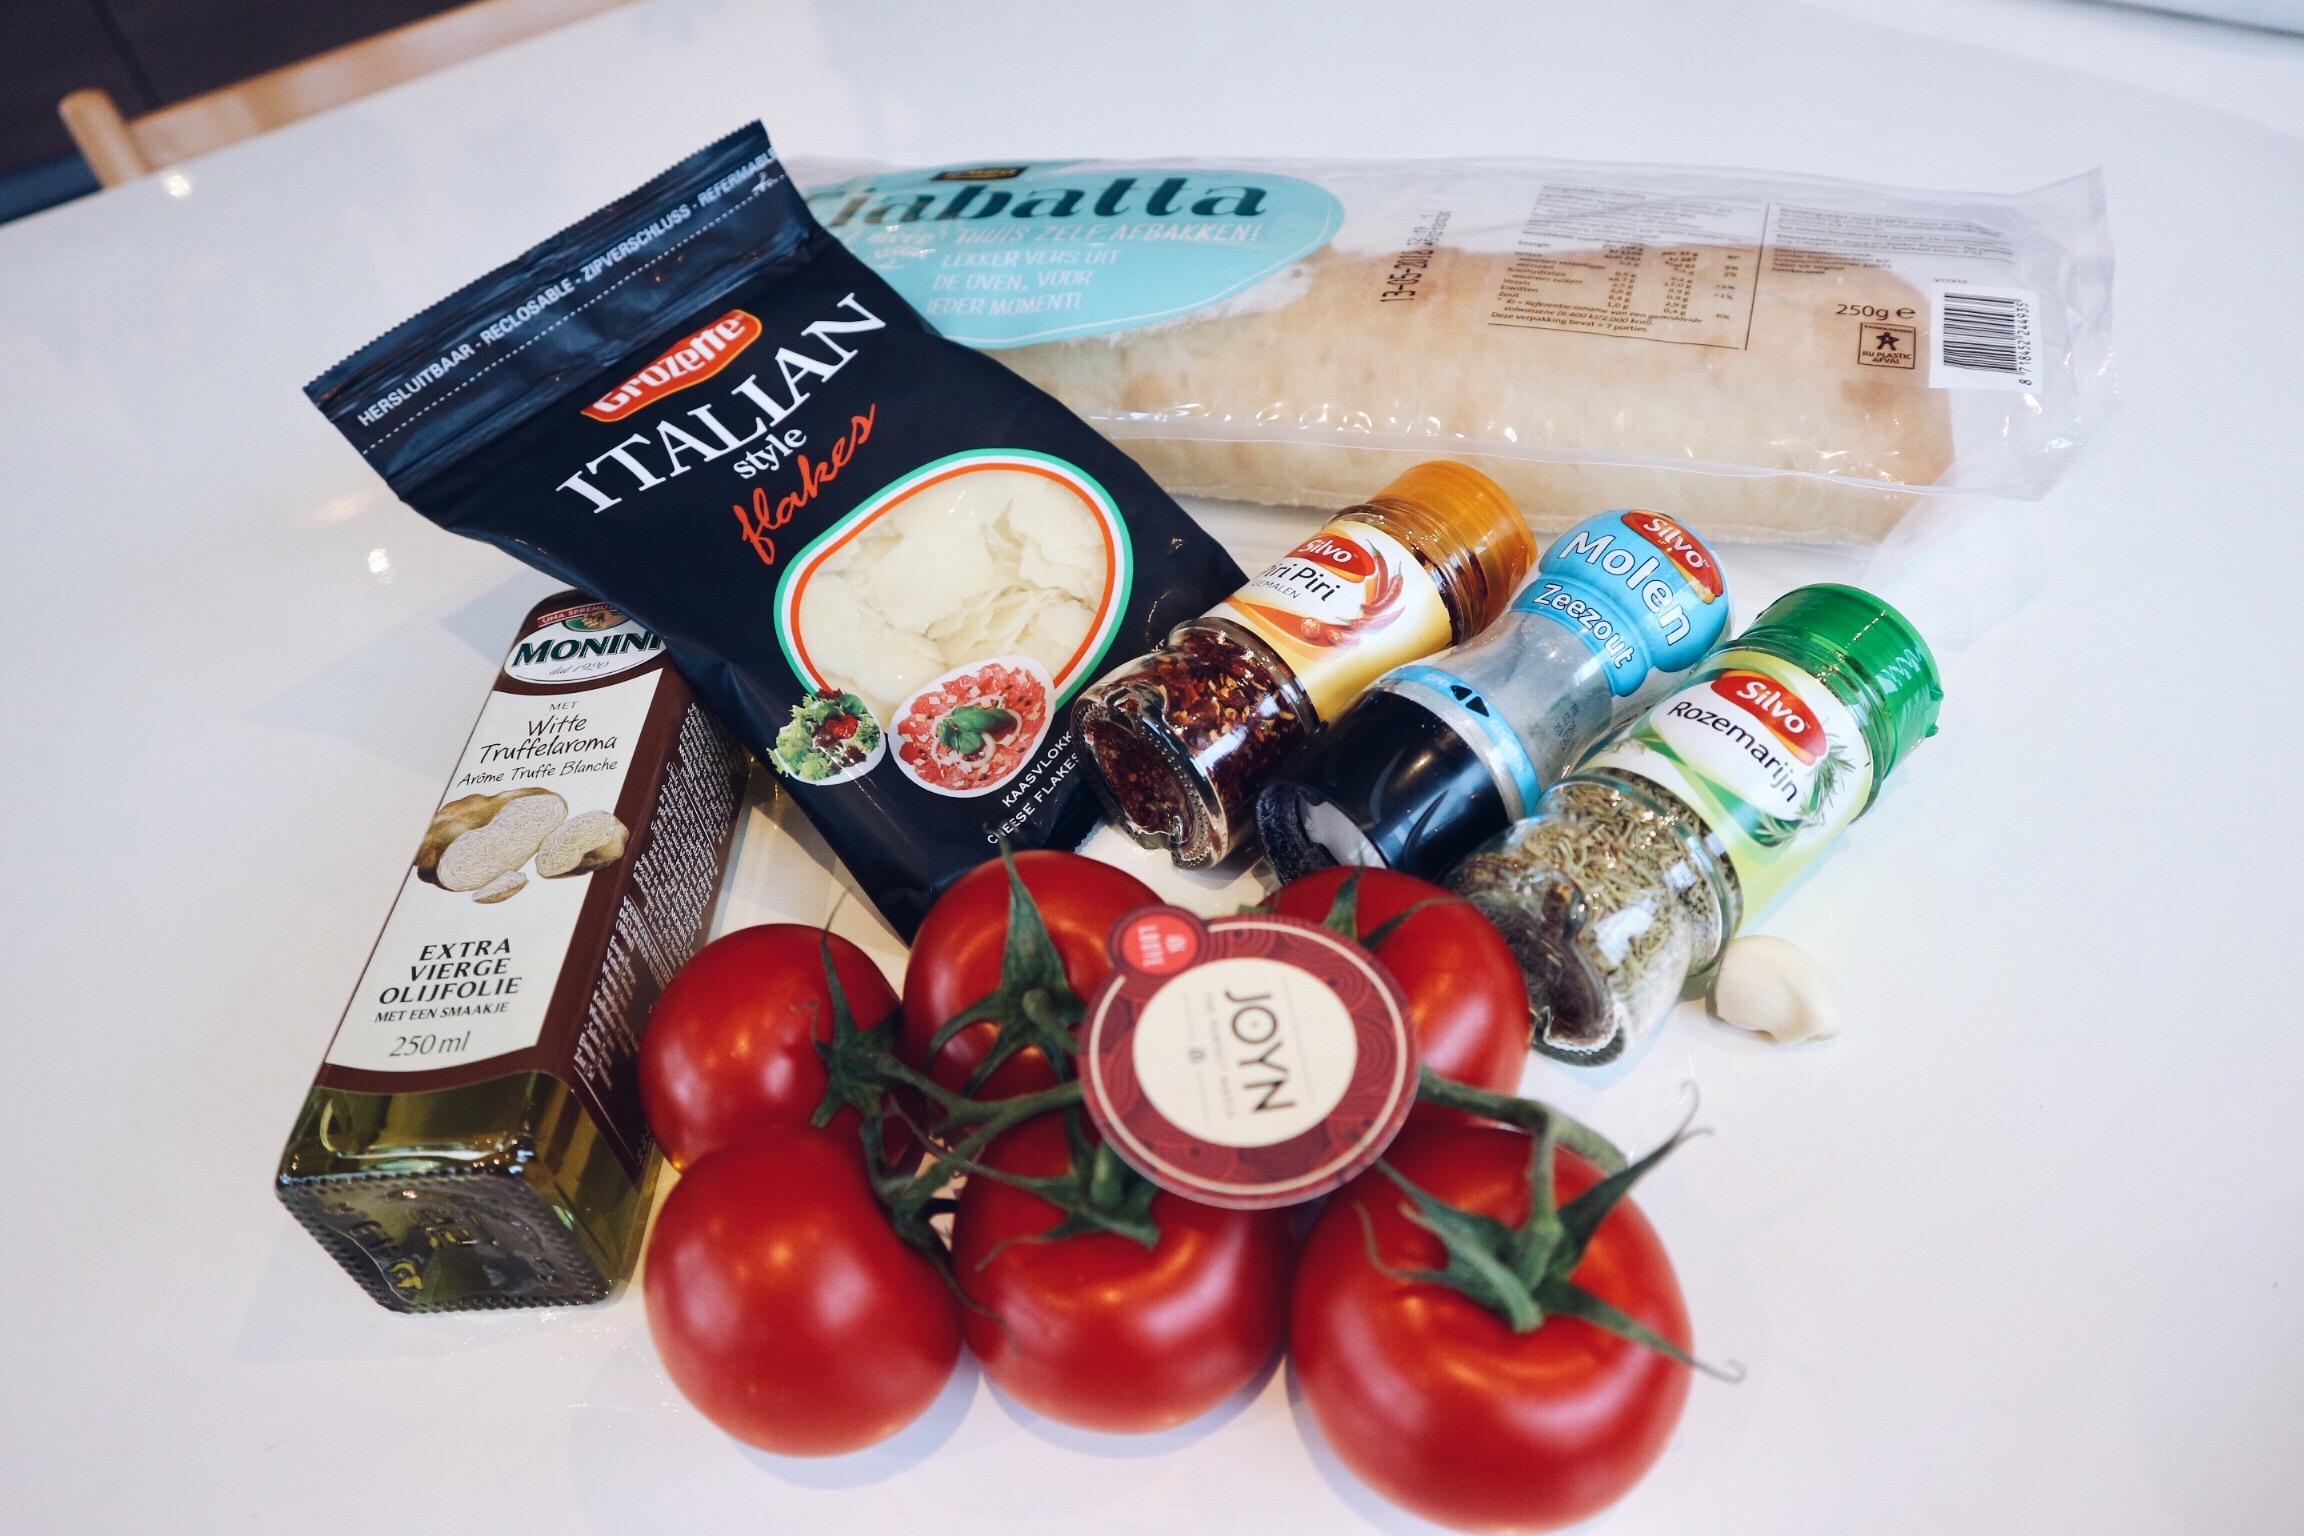 JOYN, Looye, tomaat, tomaten, joyntomaten, looyekweekers, bruchetta, recept, truffel, parmezaanse kaas, lunch, snack, eten, food, tomato